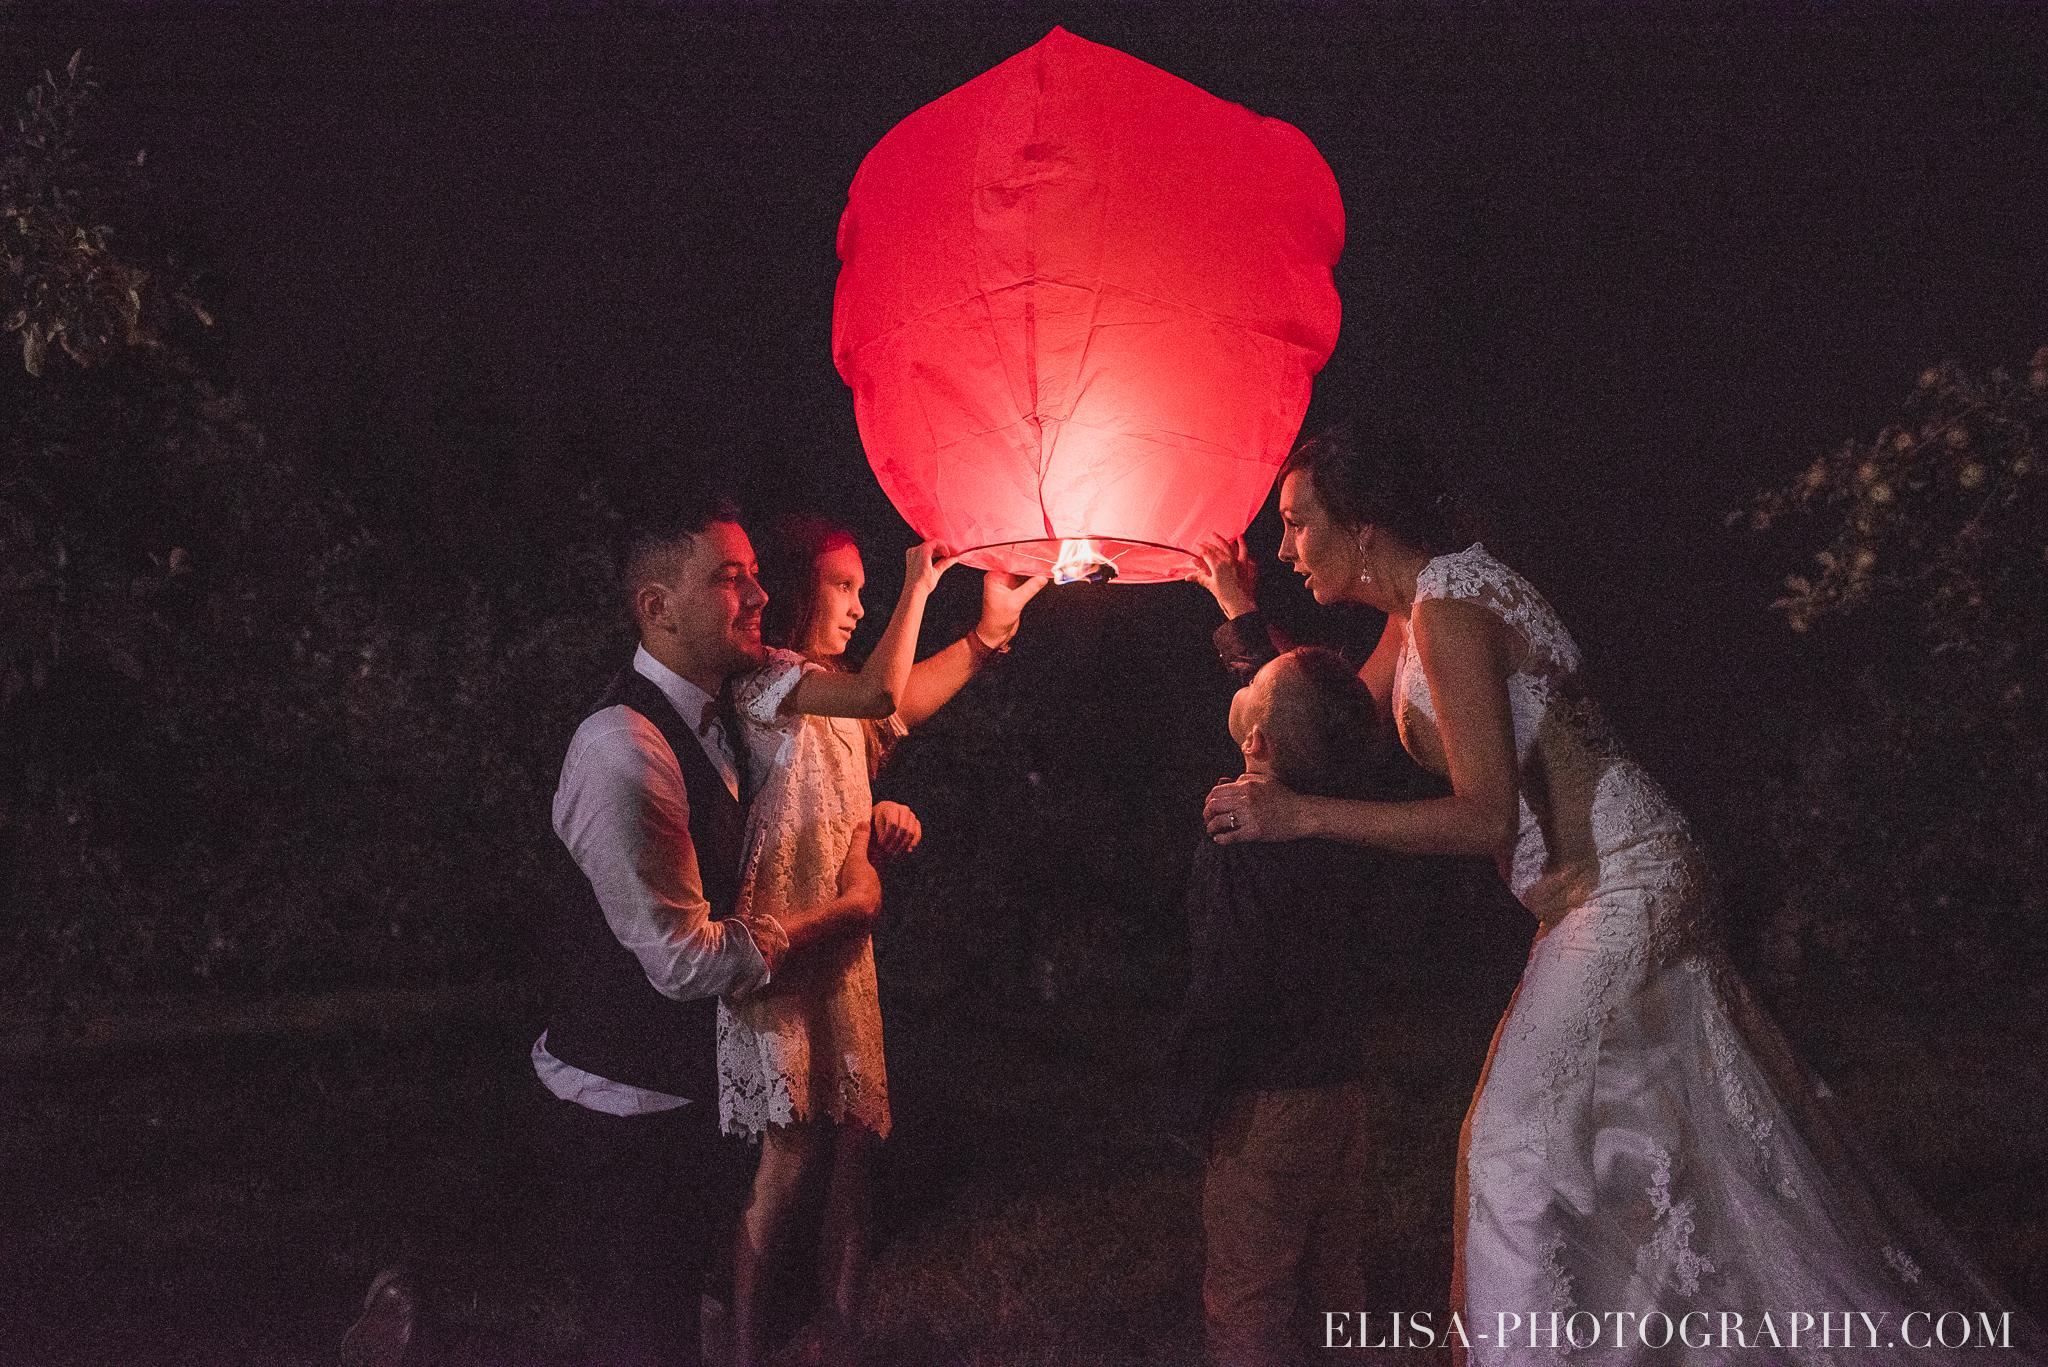 photo mariage ferme genest reception verger pommier quebec lanterne thailandaise 2898 - Smoke bomb et mariage dans les vergers de la Ferme Genest à Saint-Nicolas